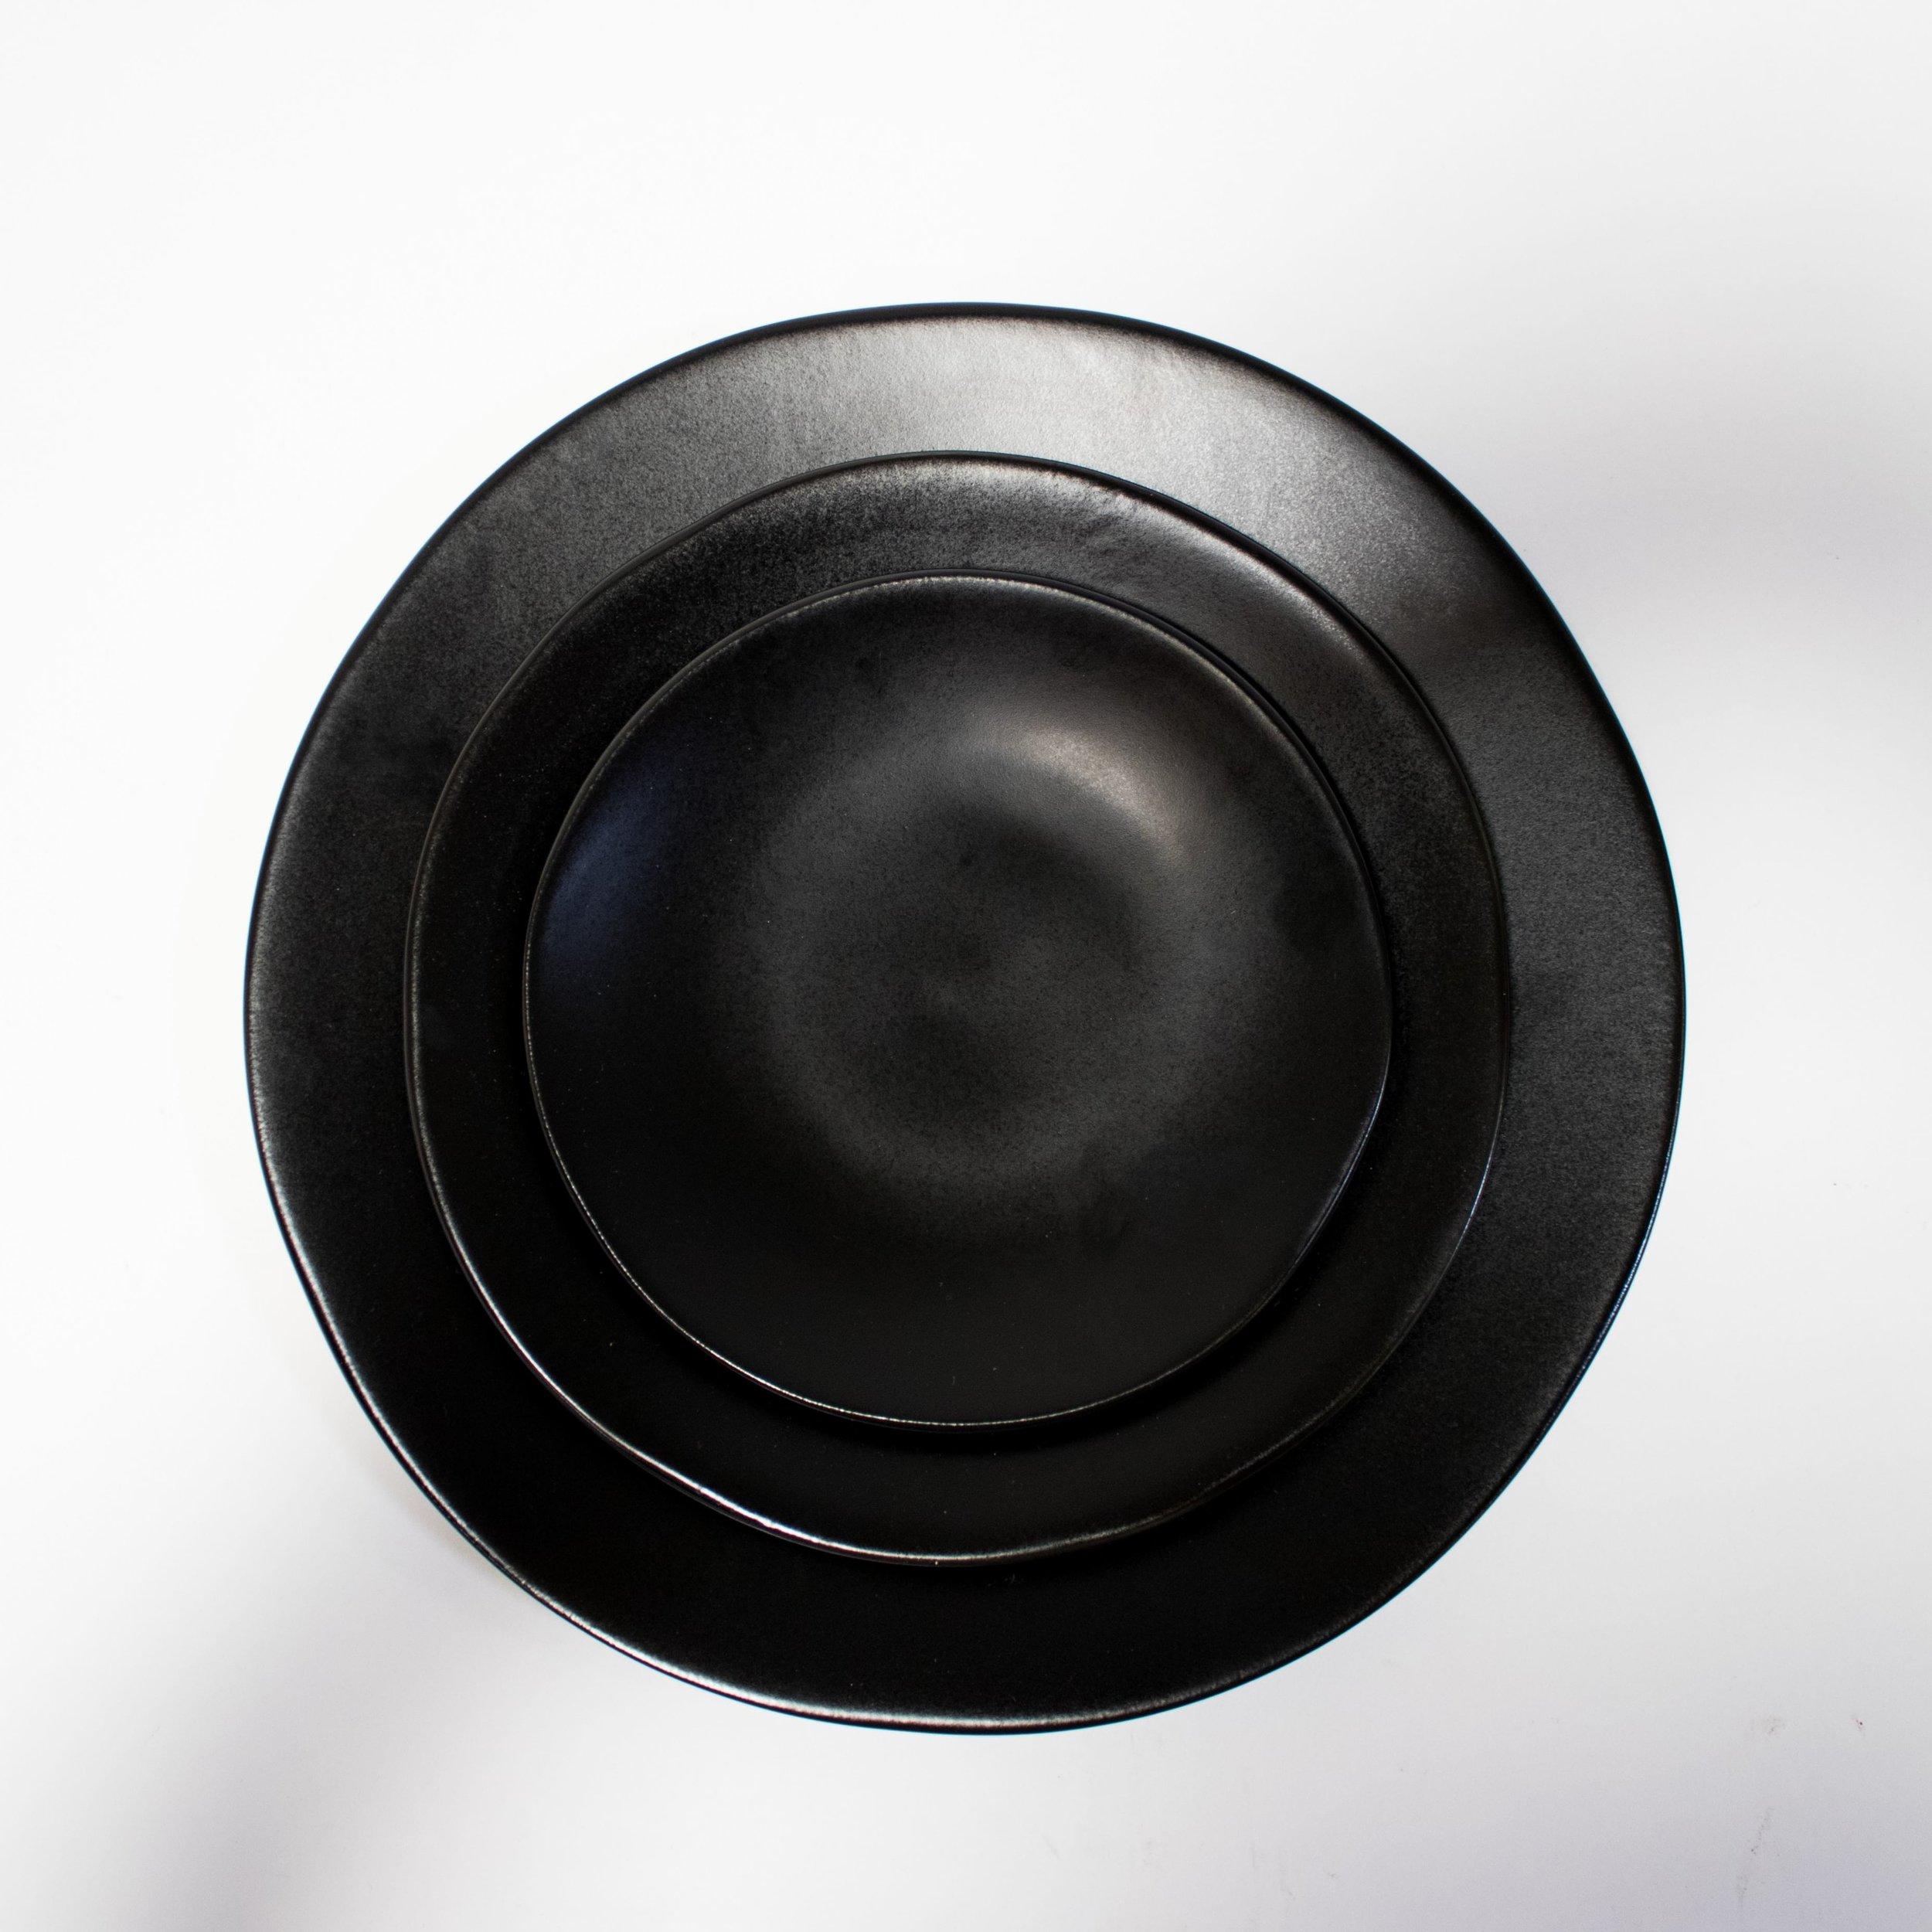 Charcoal Ceramic Dishware